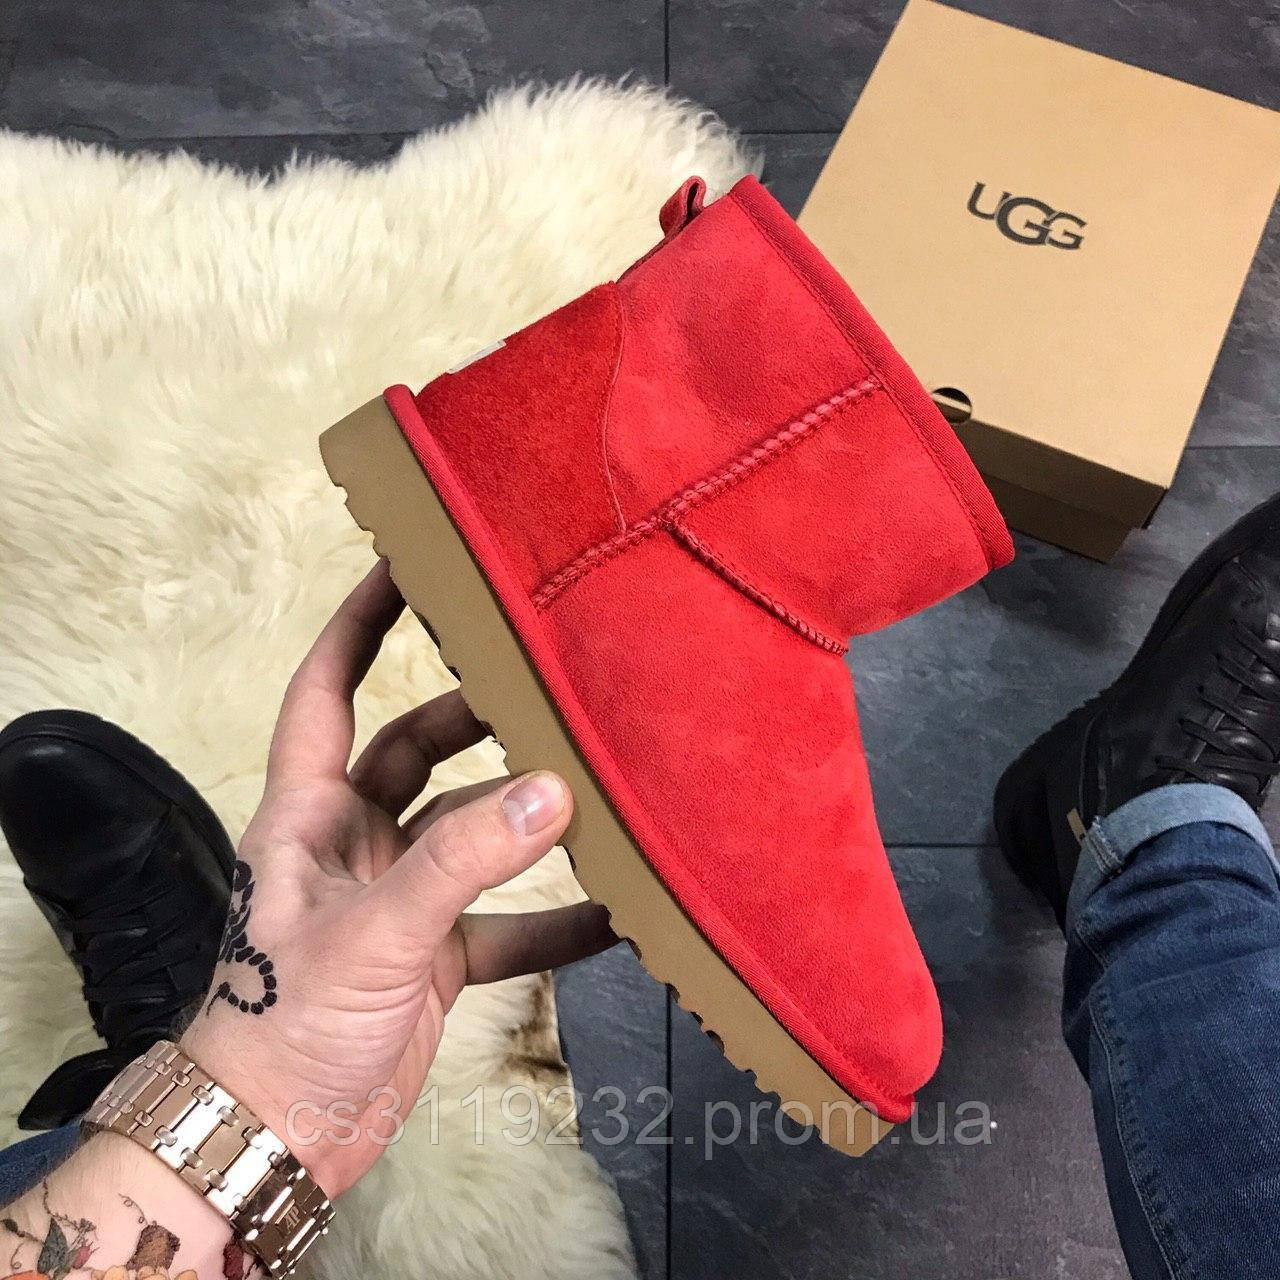 Женские сапоги зимние Ugg Classic Mini (красные)